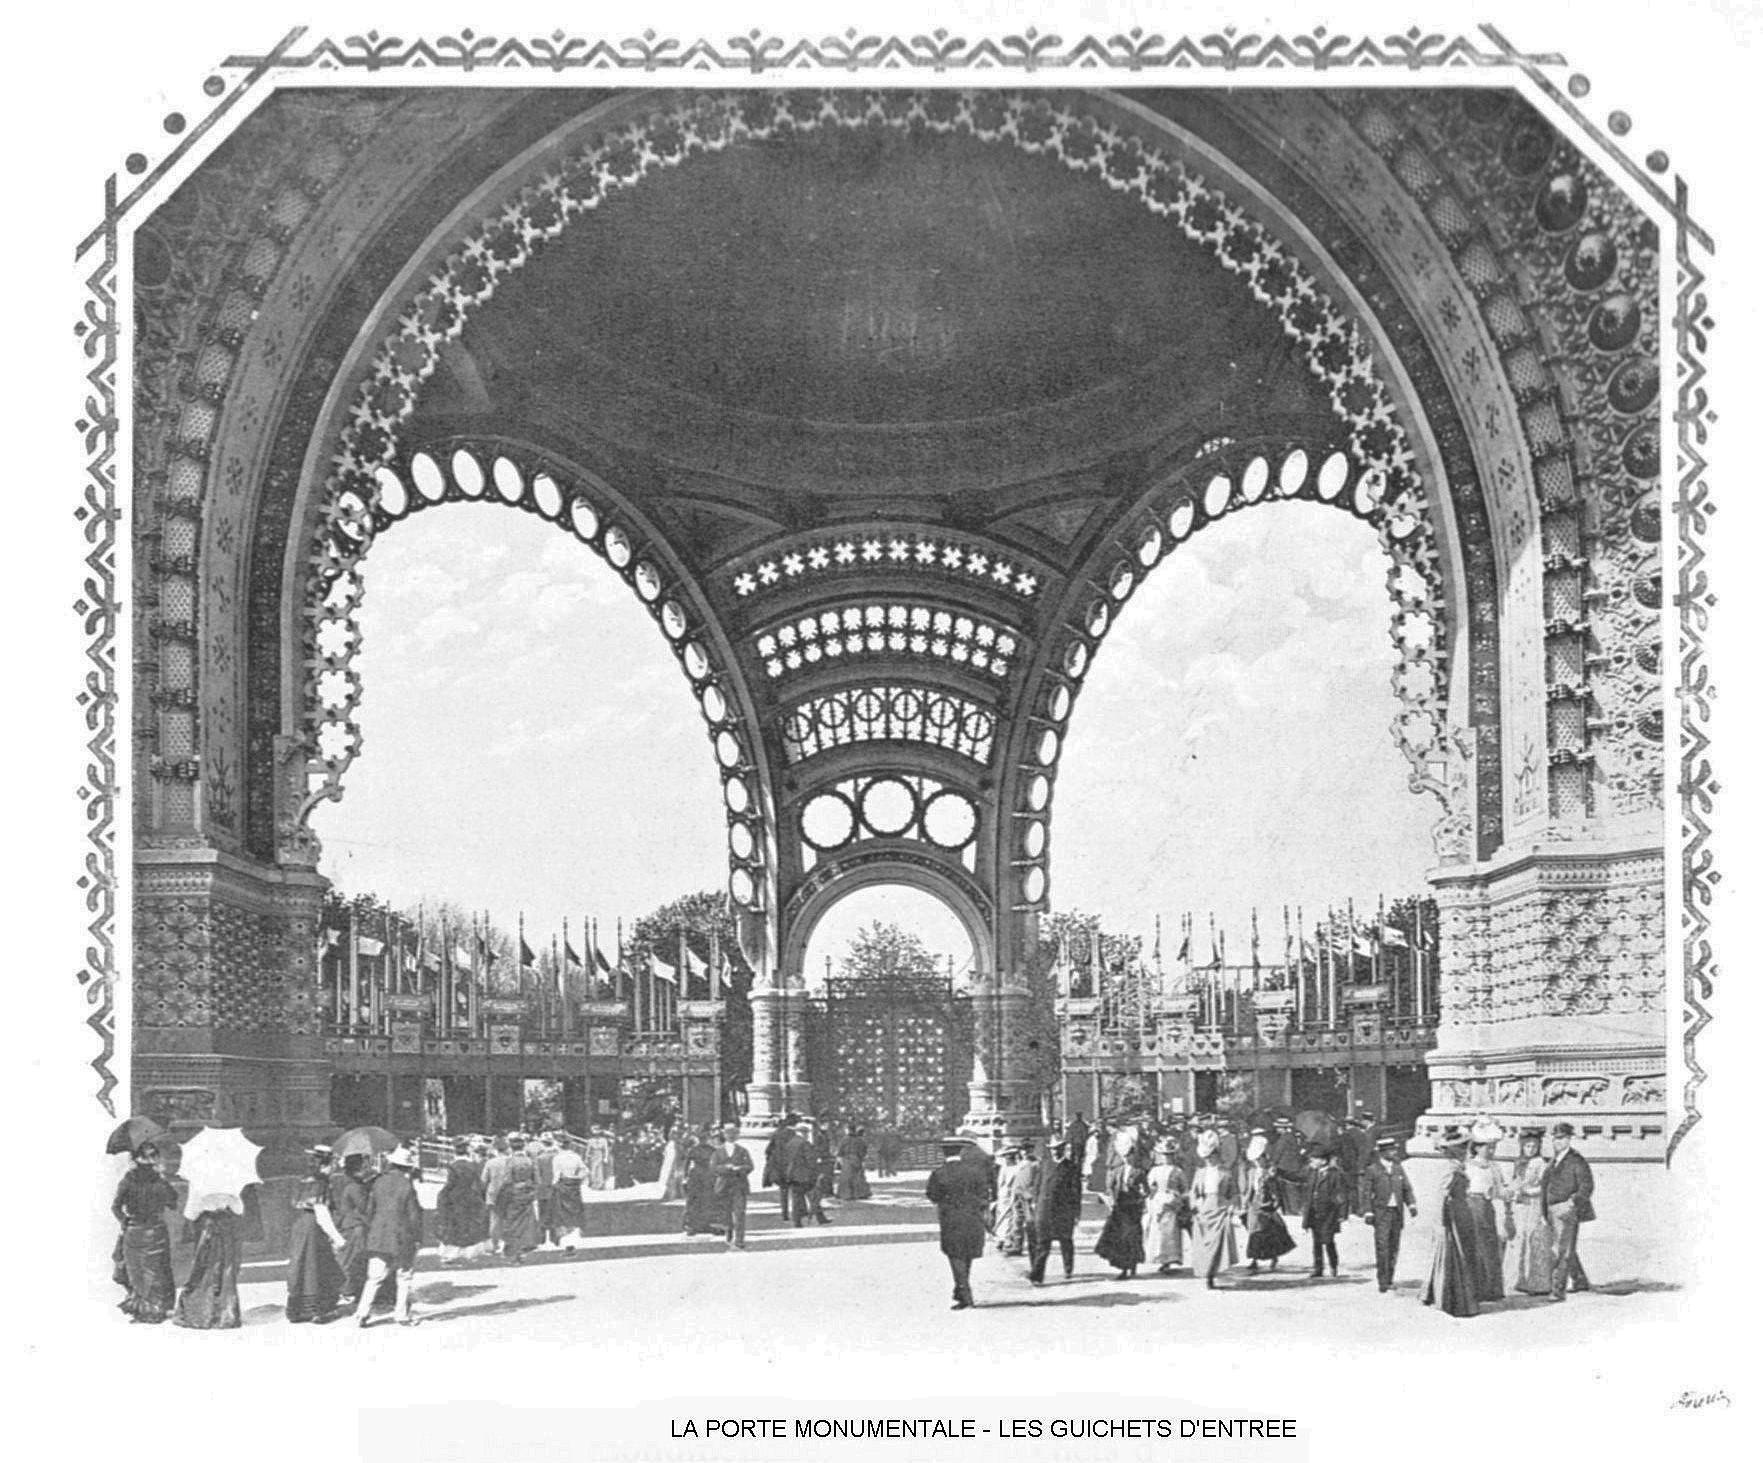 Ressources histoire exposition universelle 1900 la porte monumentale les guichets d entree